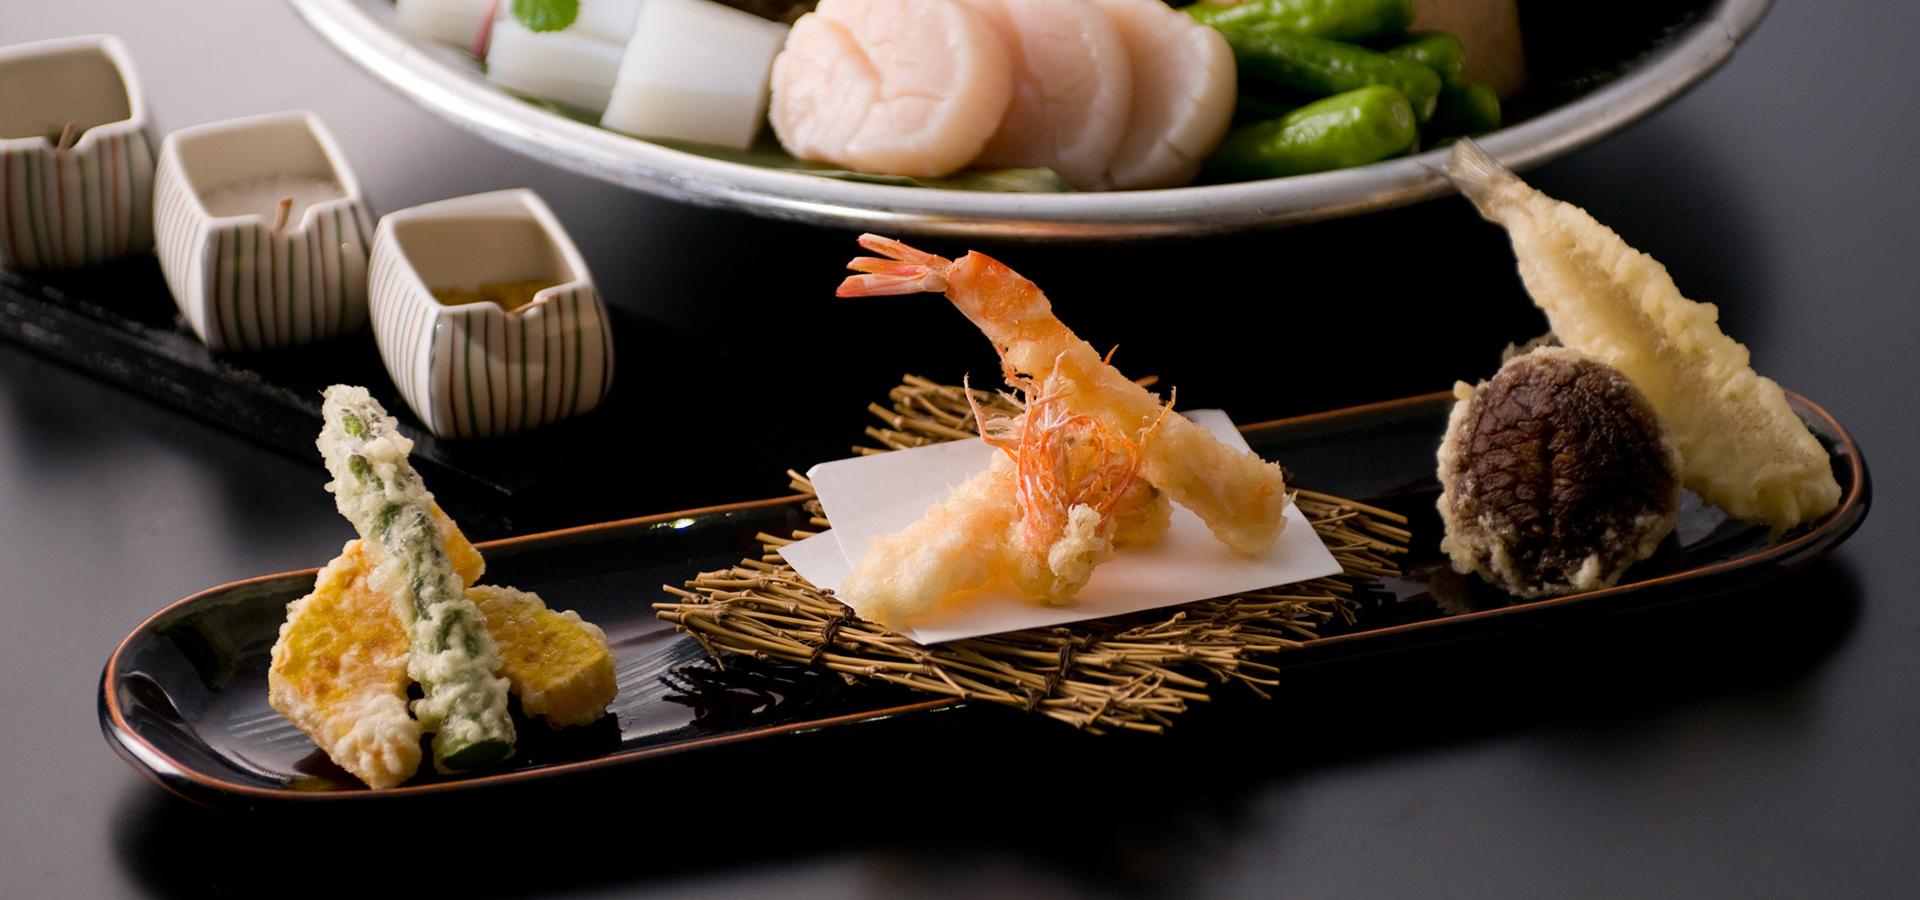 清水 日本料理